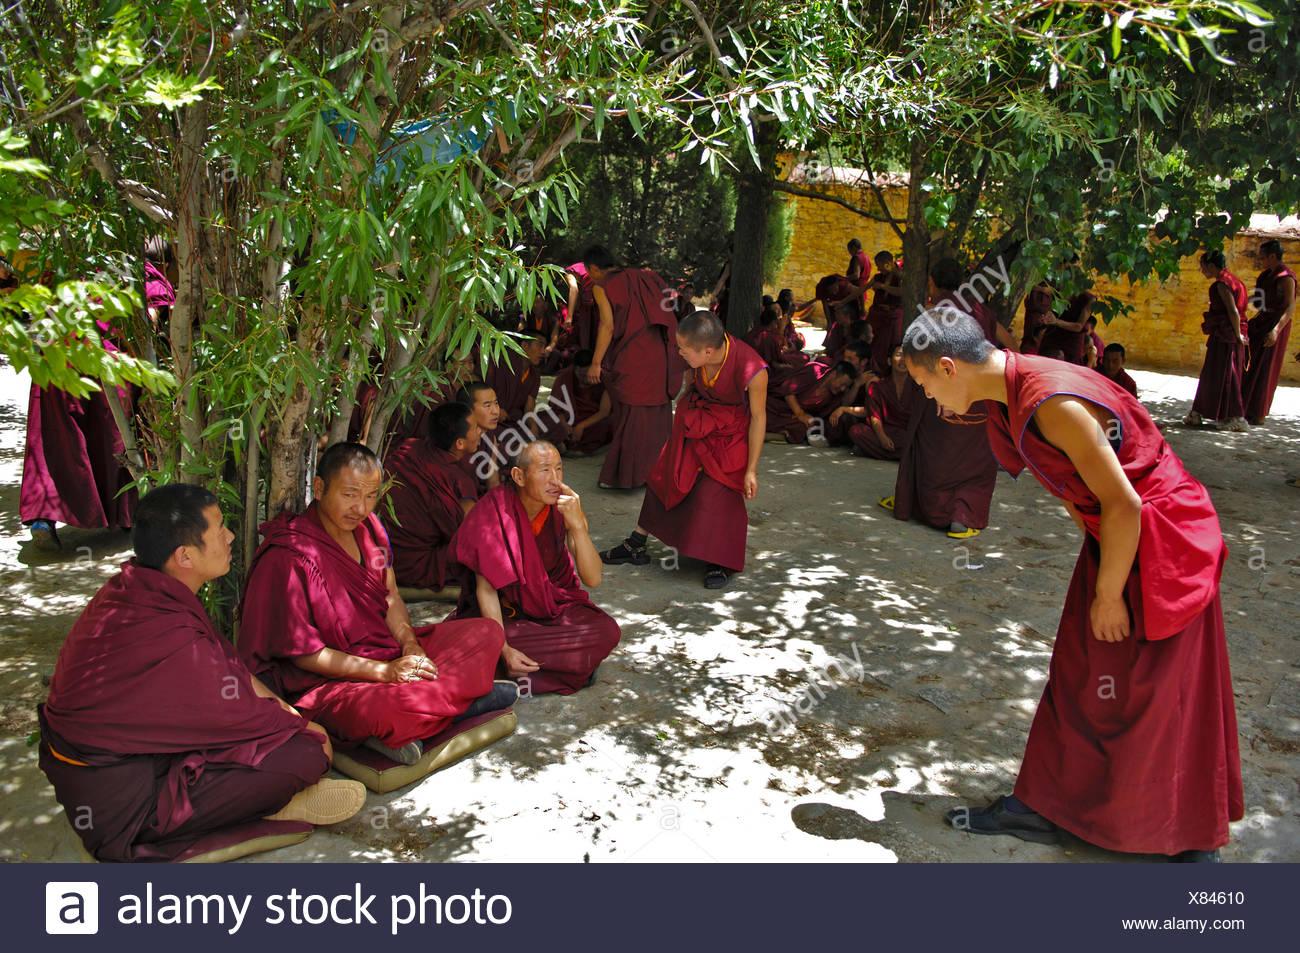 Die berühmte discussin Mönche im Kloster Ganden (4300m) in der Nähe von Lhasa, Tibet Stockbild